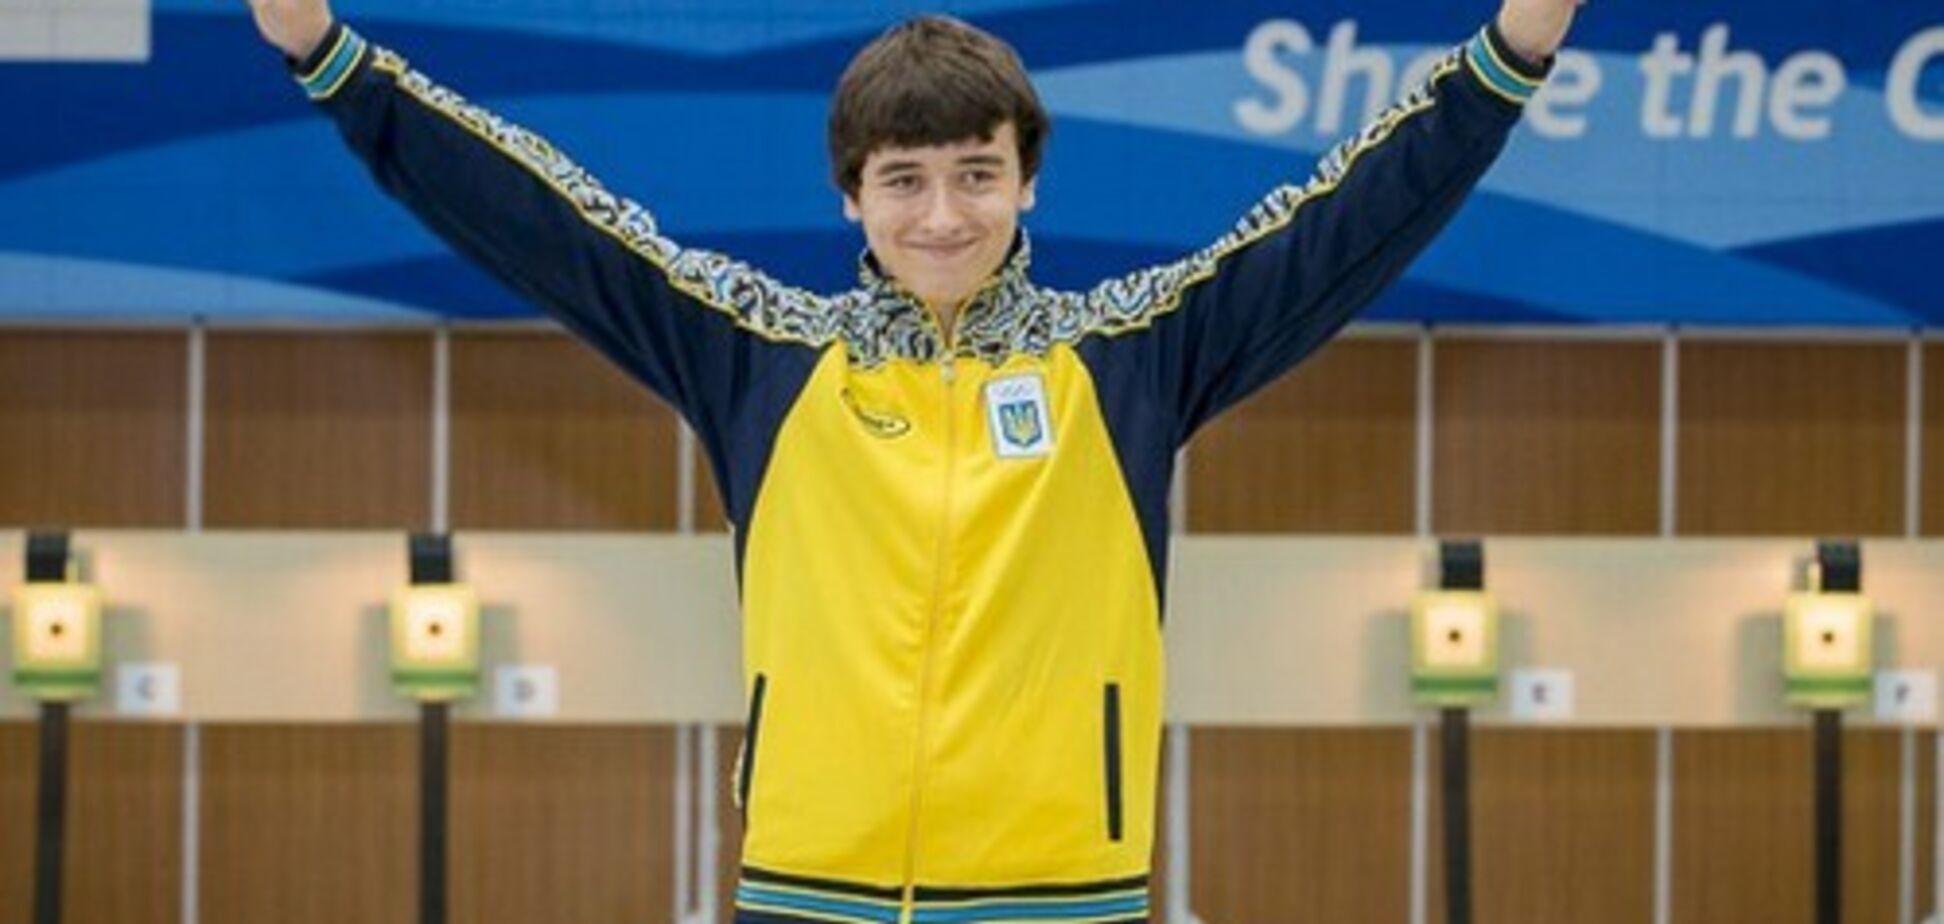 Україна виграла чемпіонат Європи зі стрільби, обігнавши Росію